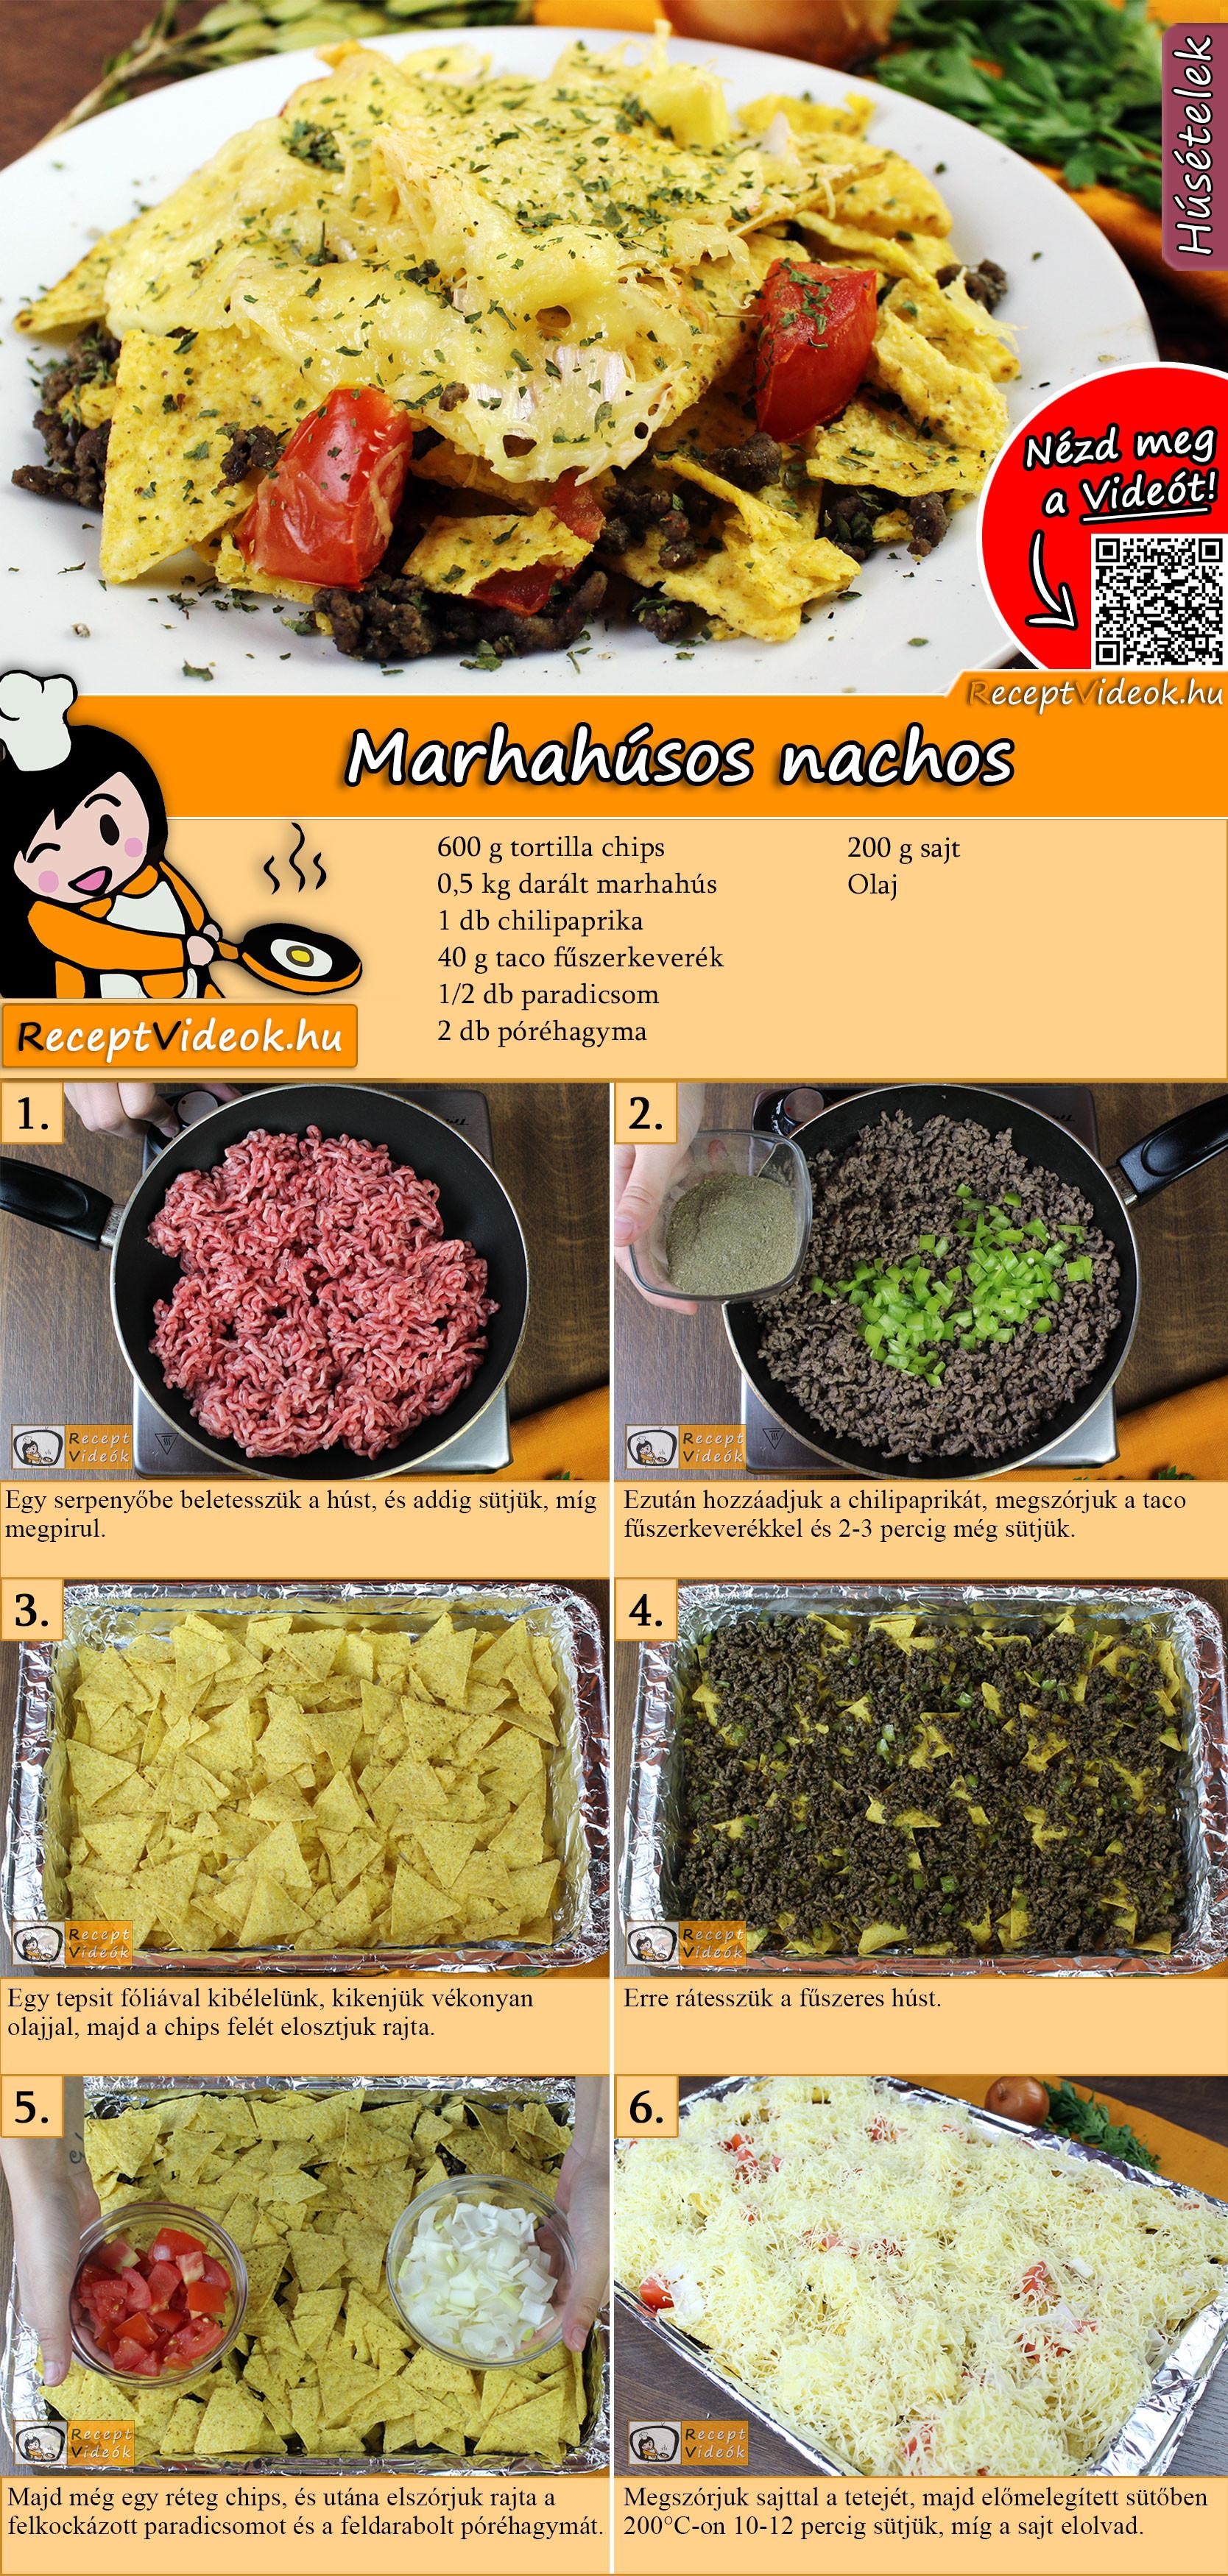 Marhahúsos nachos recept elkészítése videóval